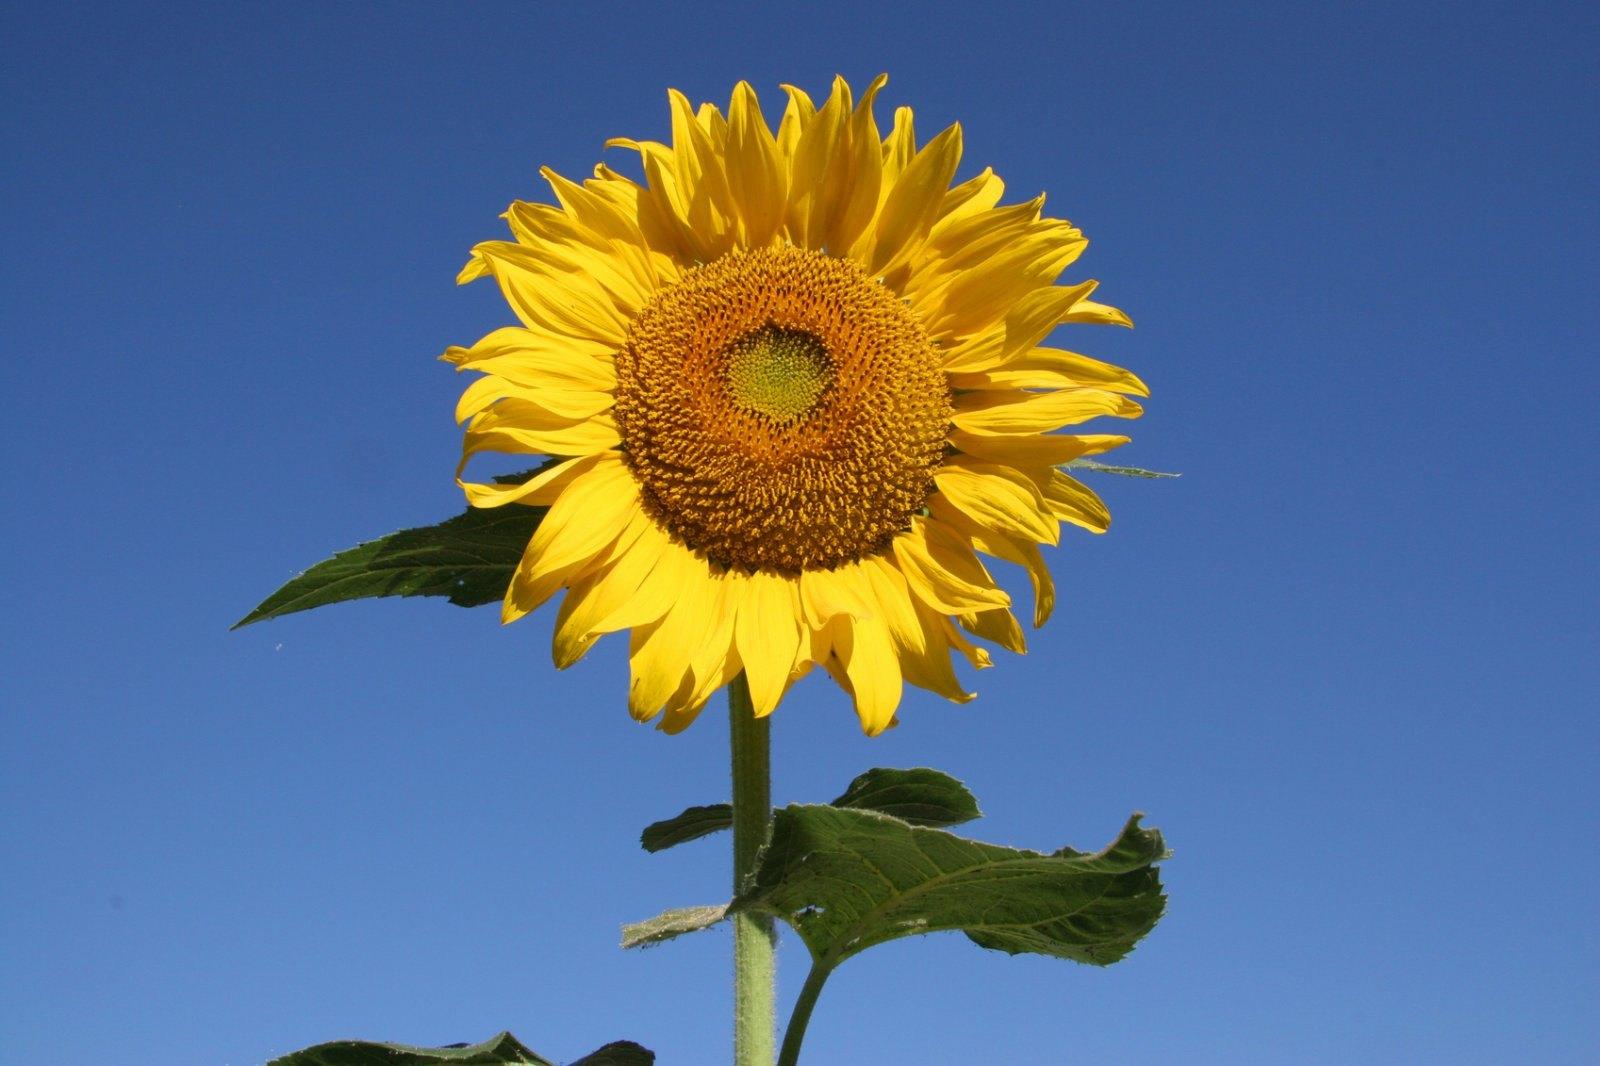 Hình ảnh một bông hoa hướng dương